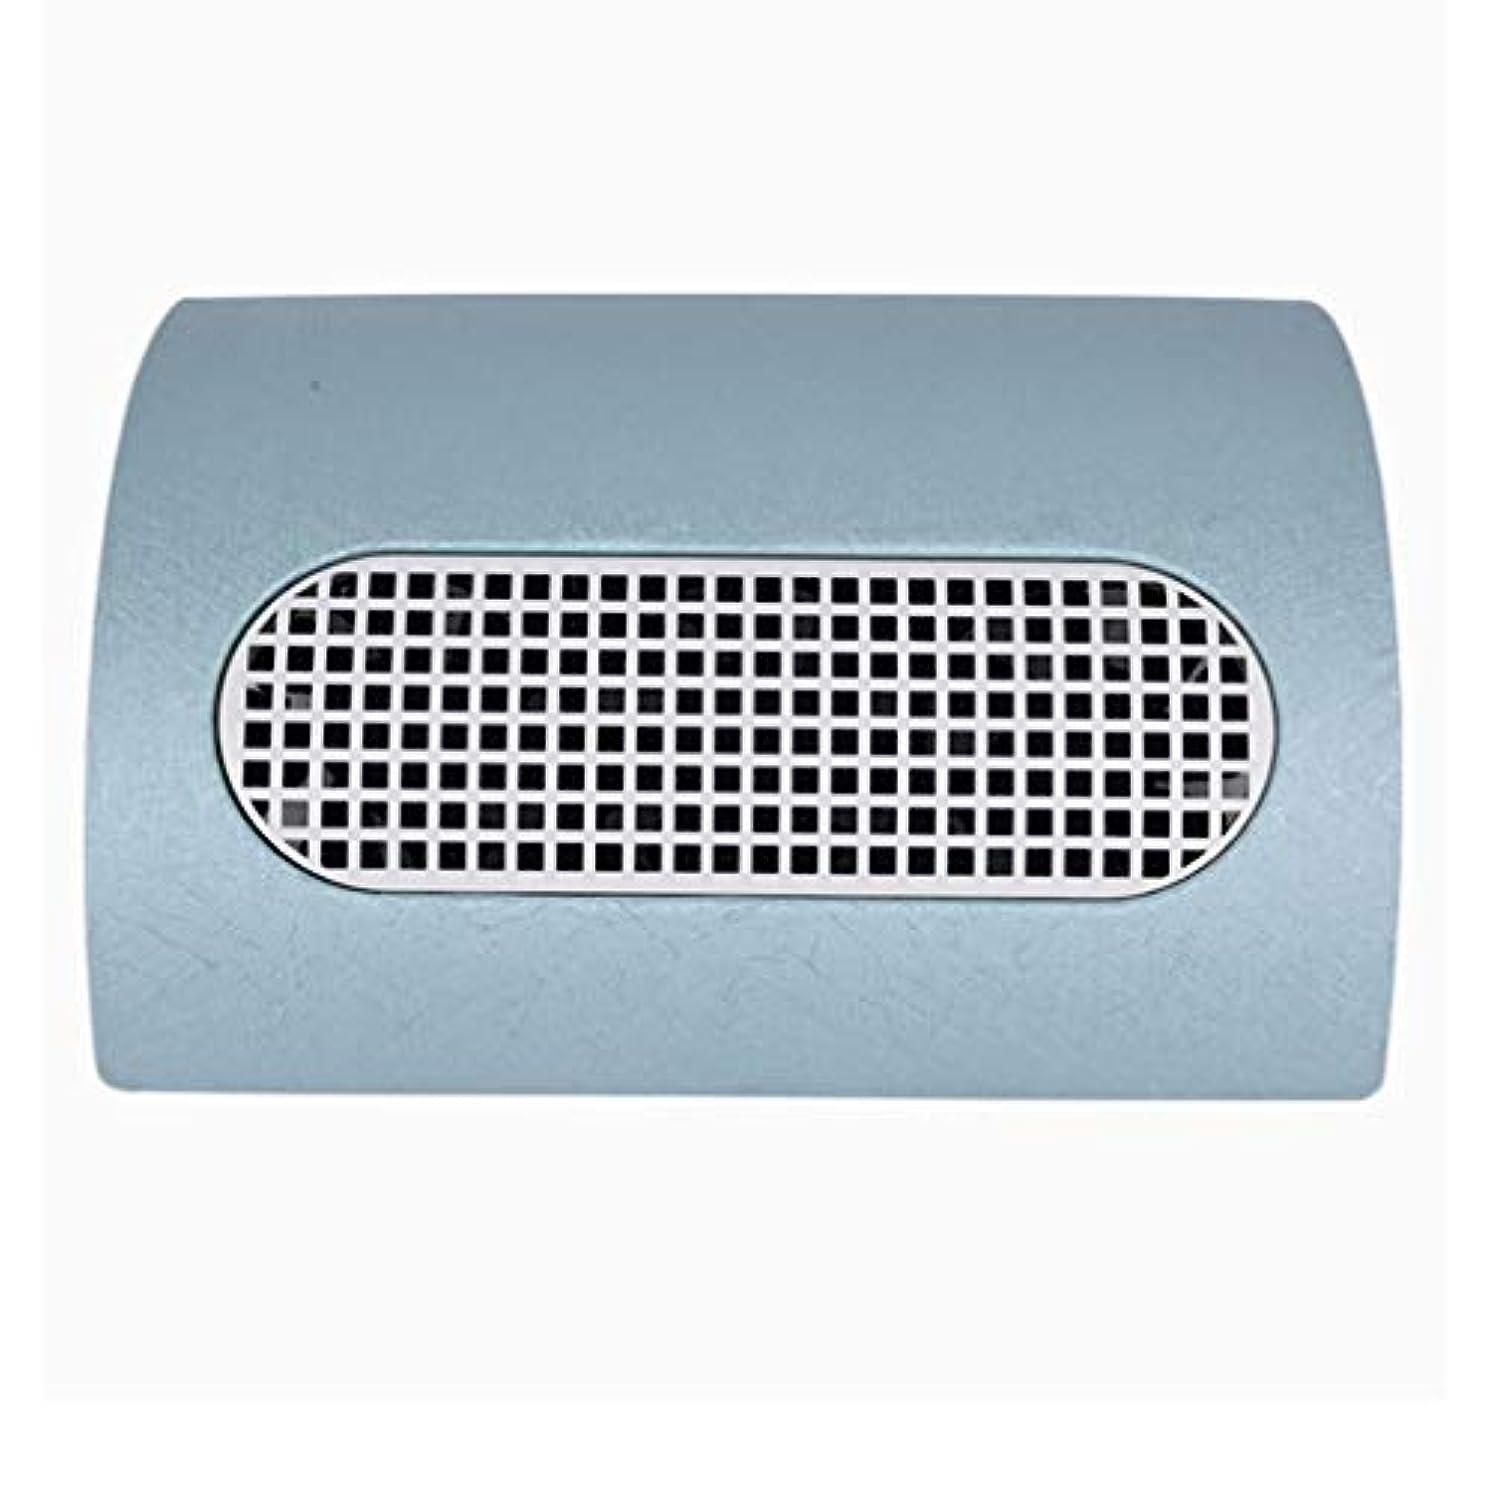 男やもめキャリア廊下3つのファン釘の塵のコレクターのマニキュア機械 15W 2 つのレベルの速度を調節する釘の集じん器の釘の塵2の塵袋,ブルー